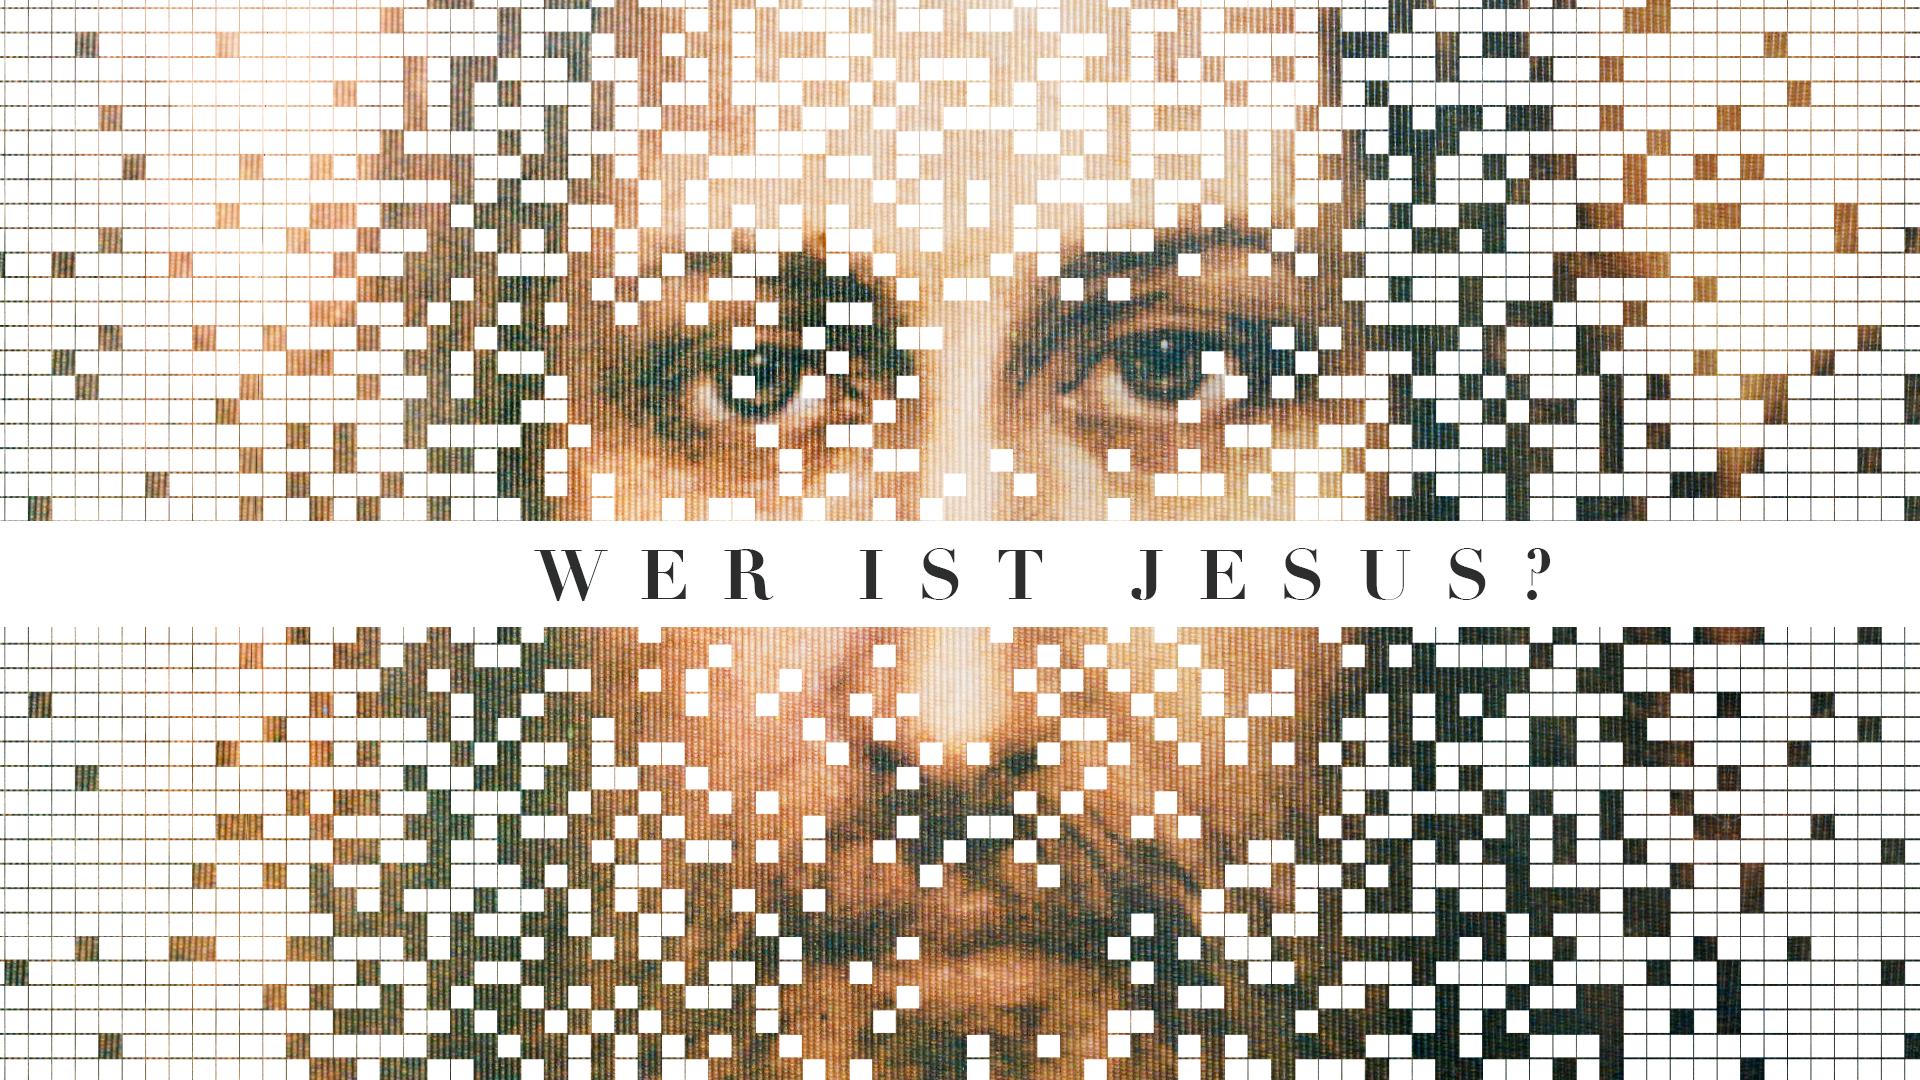 Wer ist Jesus?